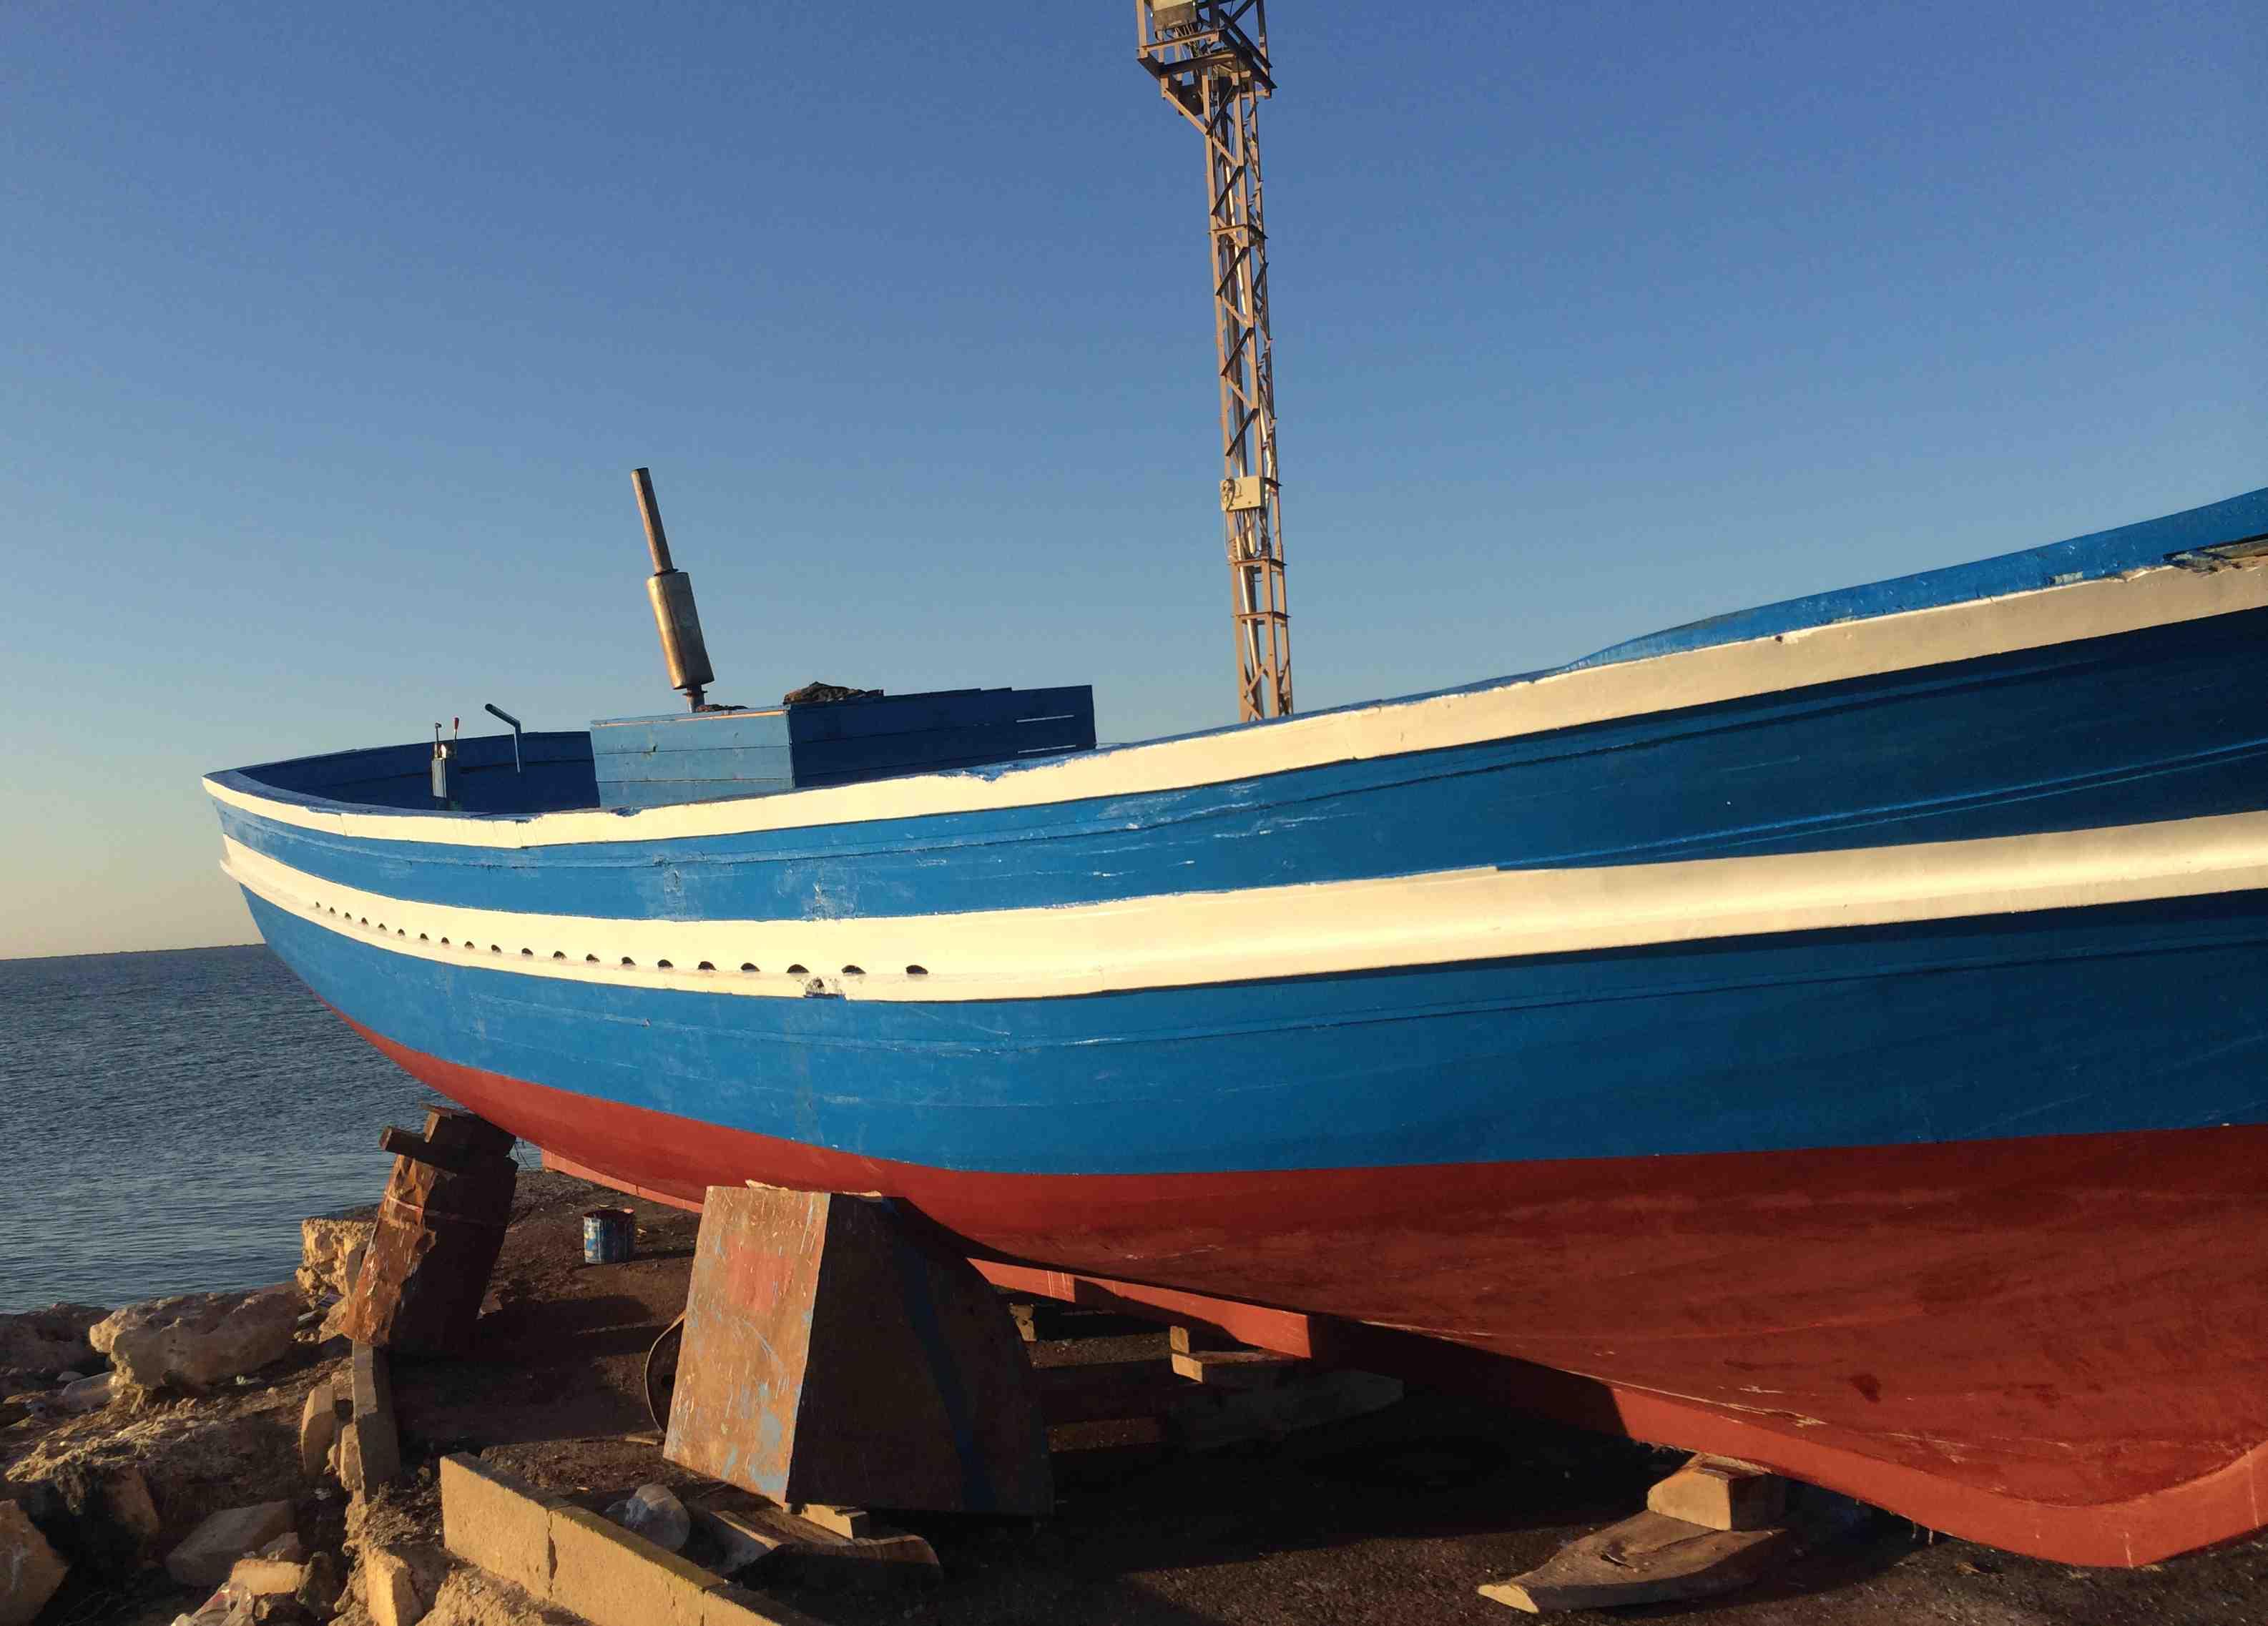 C'est sur l'une de ces embarcations de fortune que les migrants en partance pour l'Europe se retrouvent généralement entassés.  Une place se négociant autour de 800 euros par réfugié. Photo : Intégrales Mag